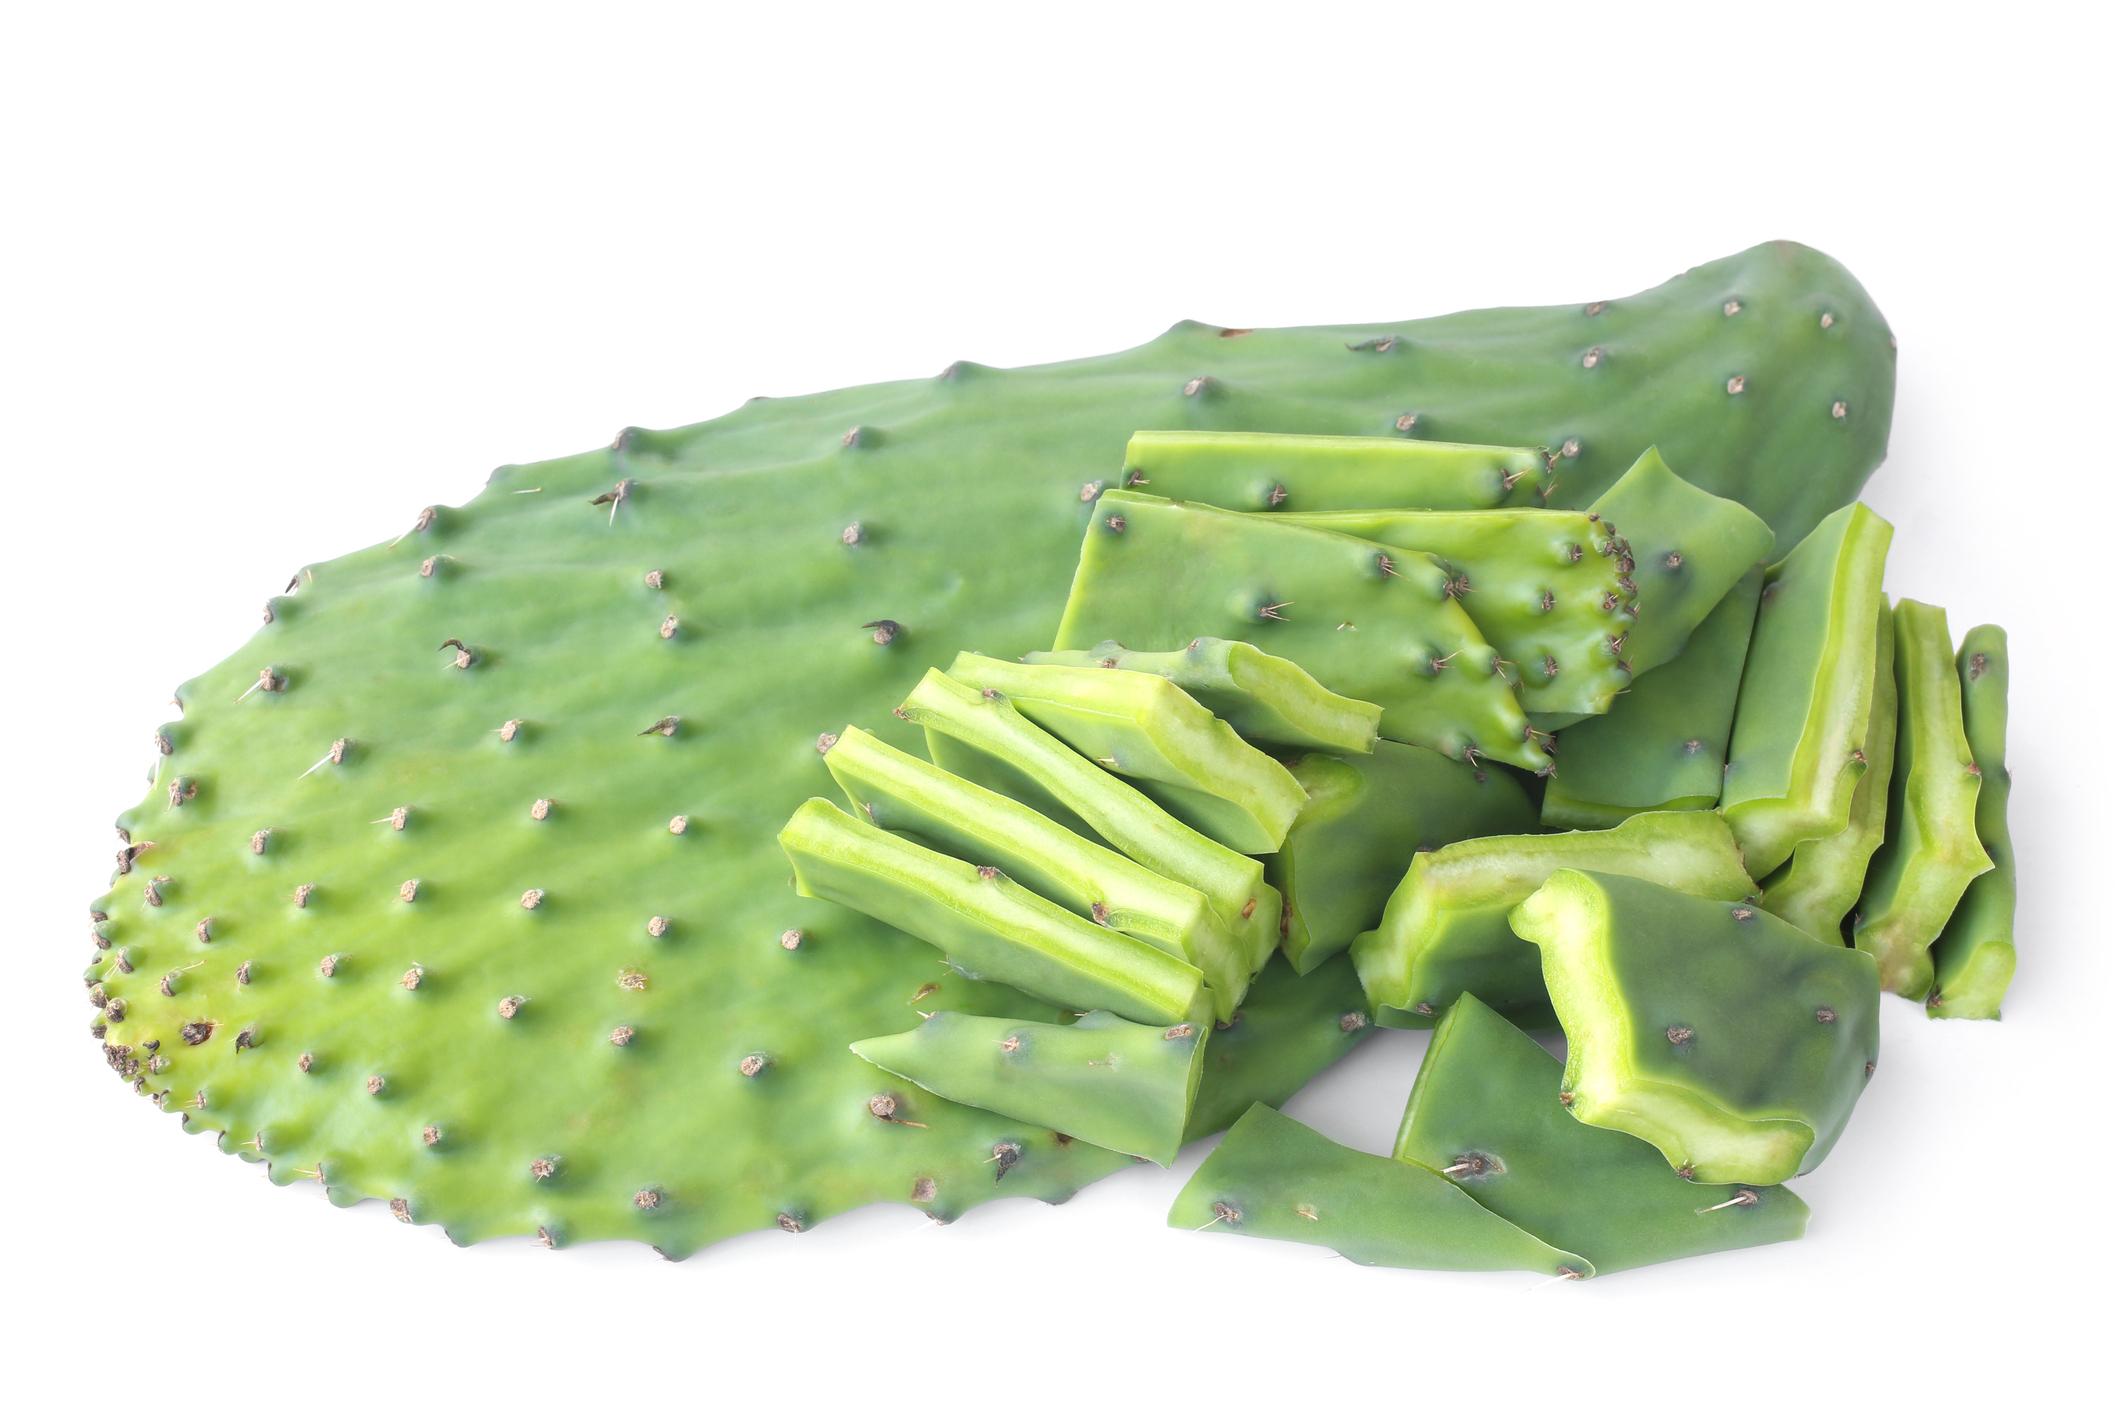 Cactus Leaves/Nopales